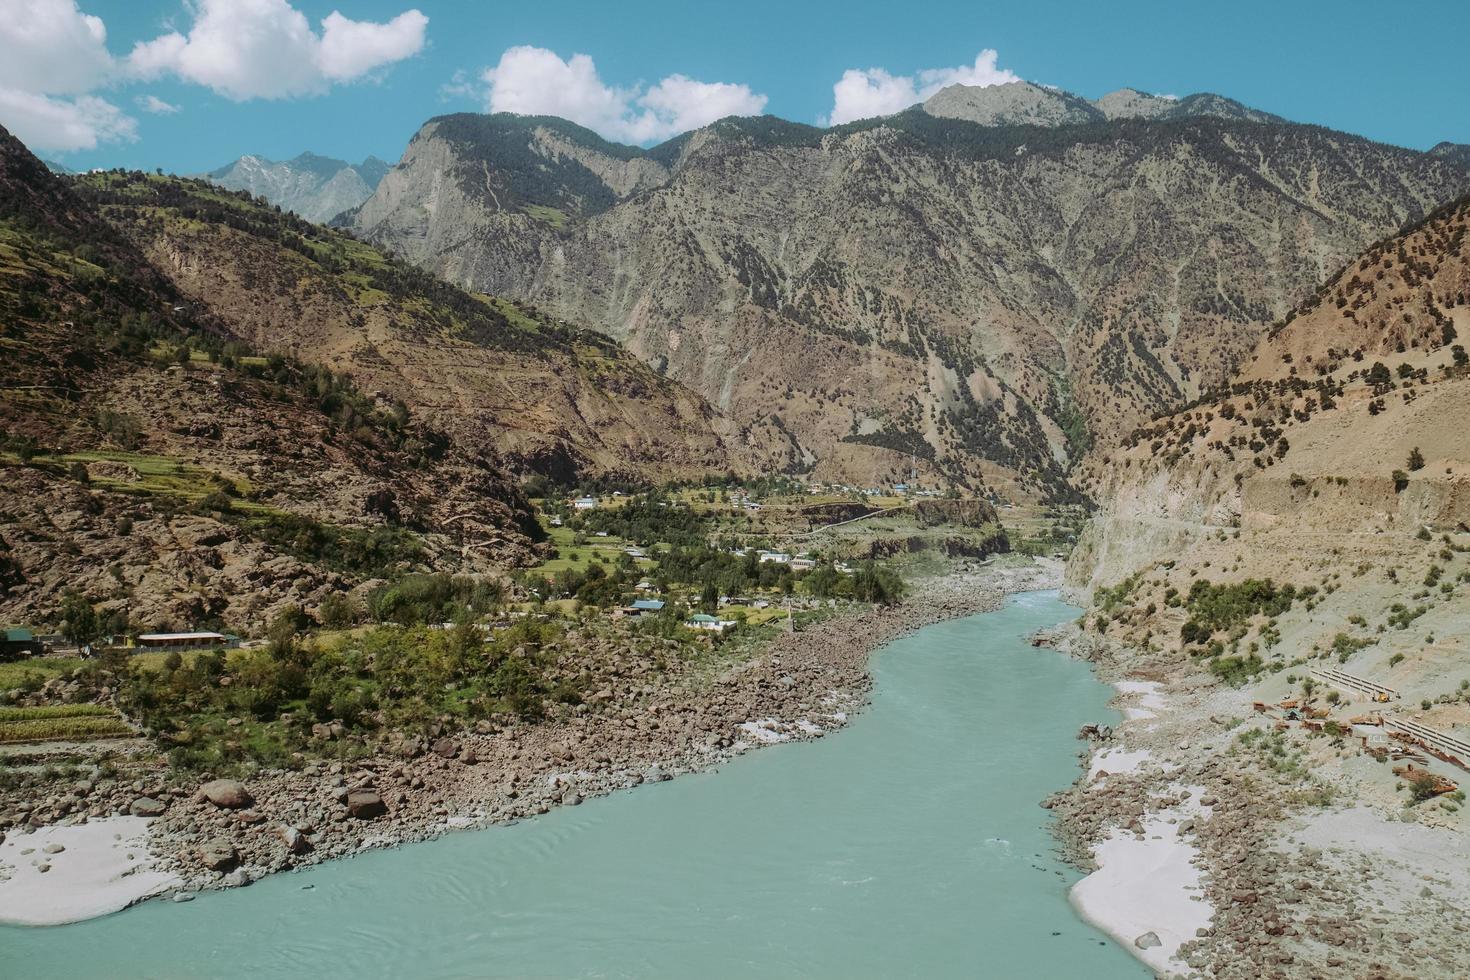 indus rivier stroomt door bergen foto